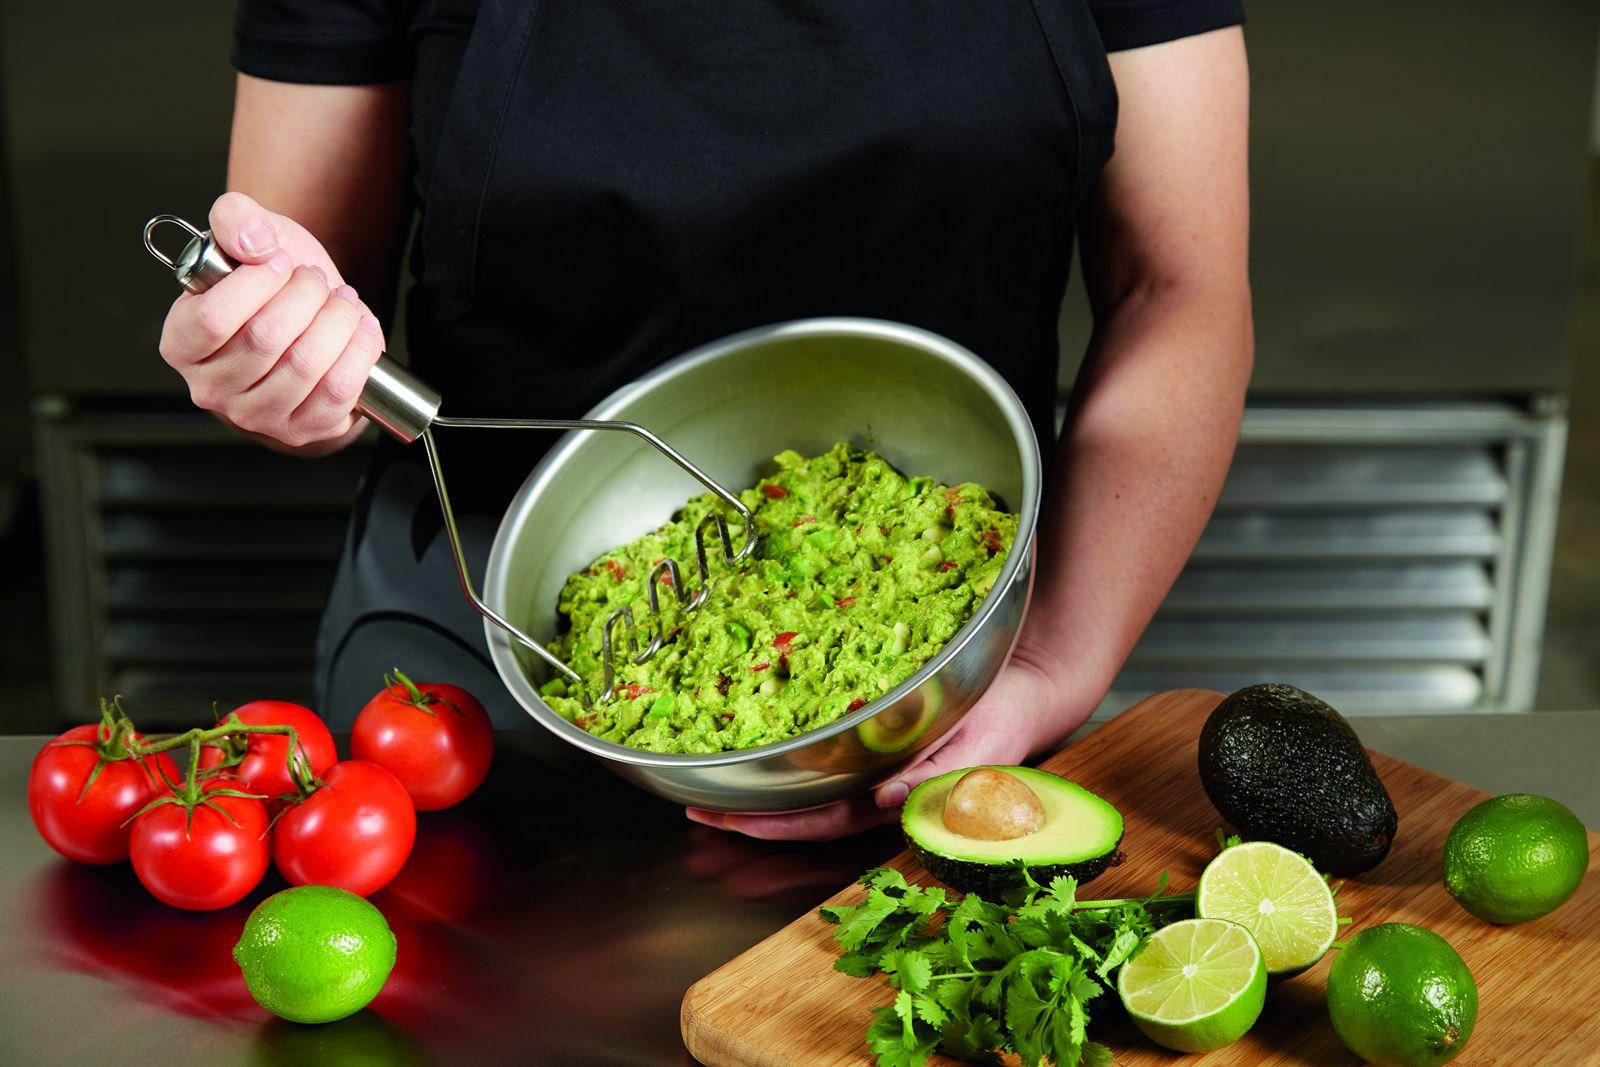 Del Taco Upgrades to Premium Fresh Guacamole